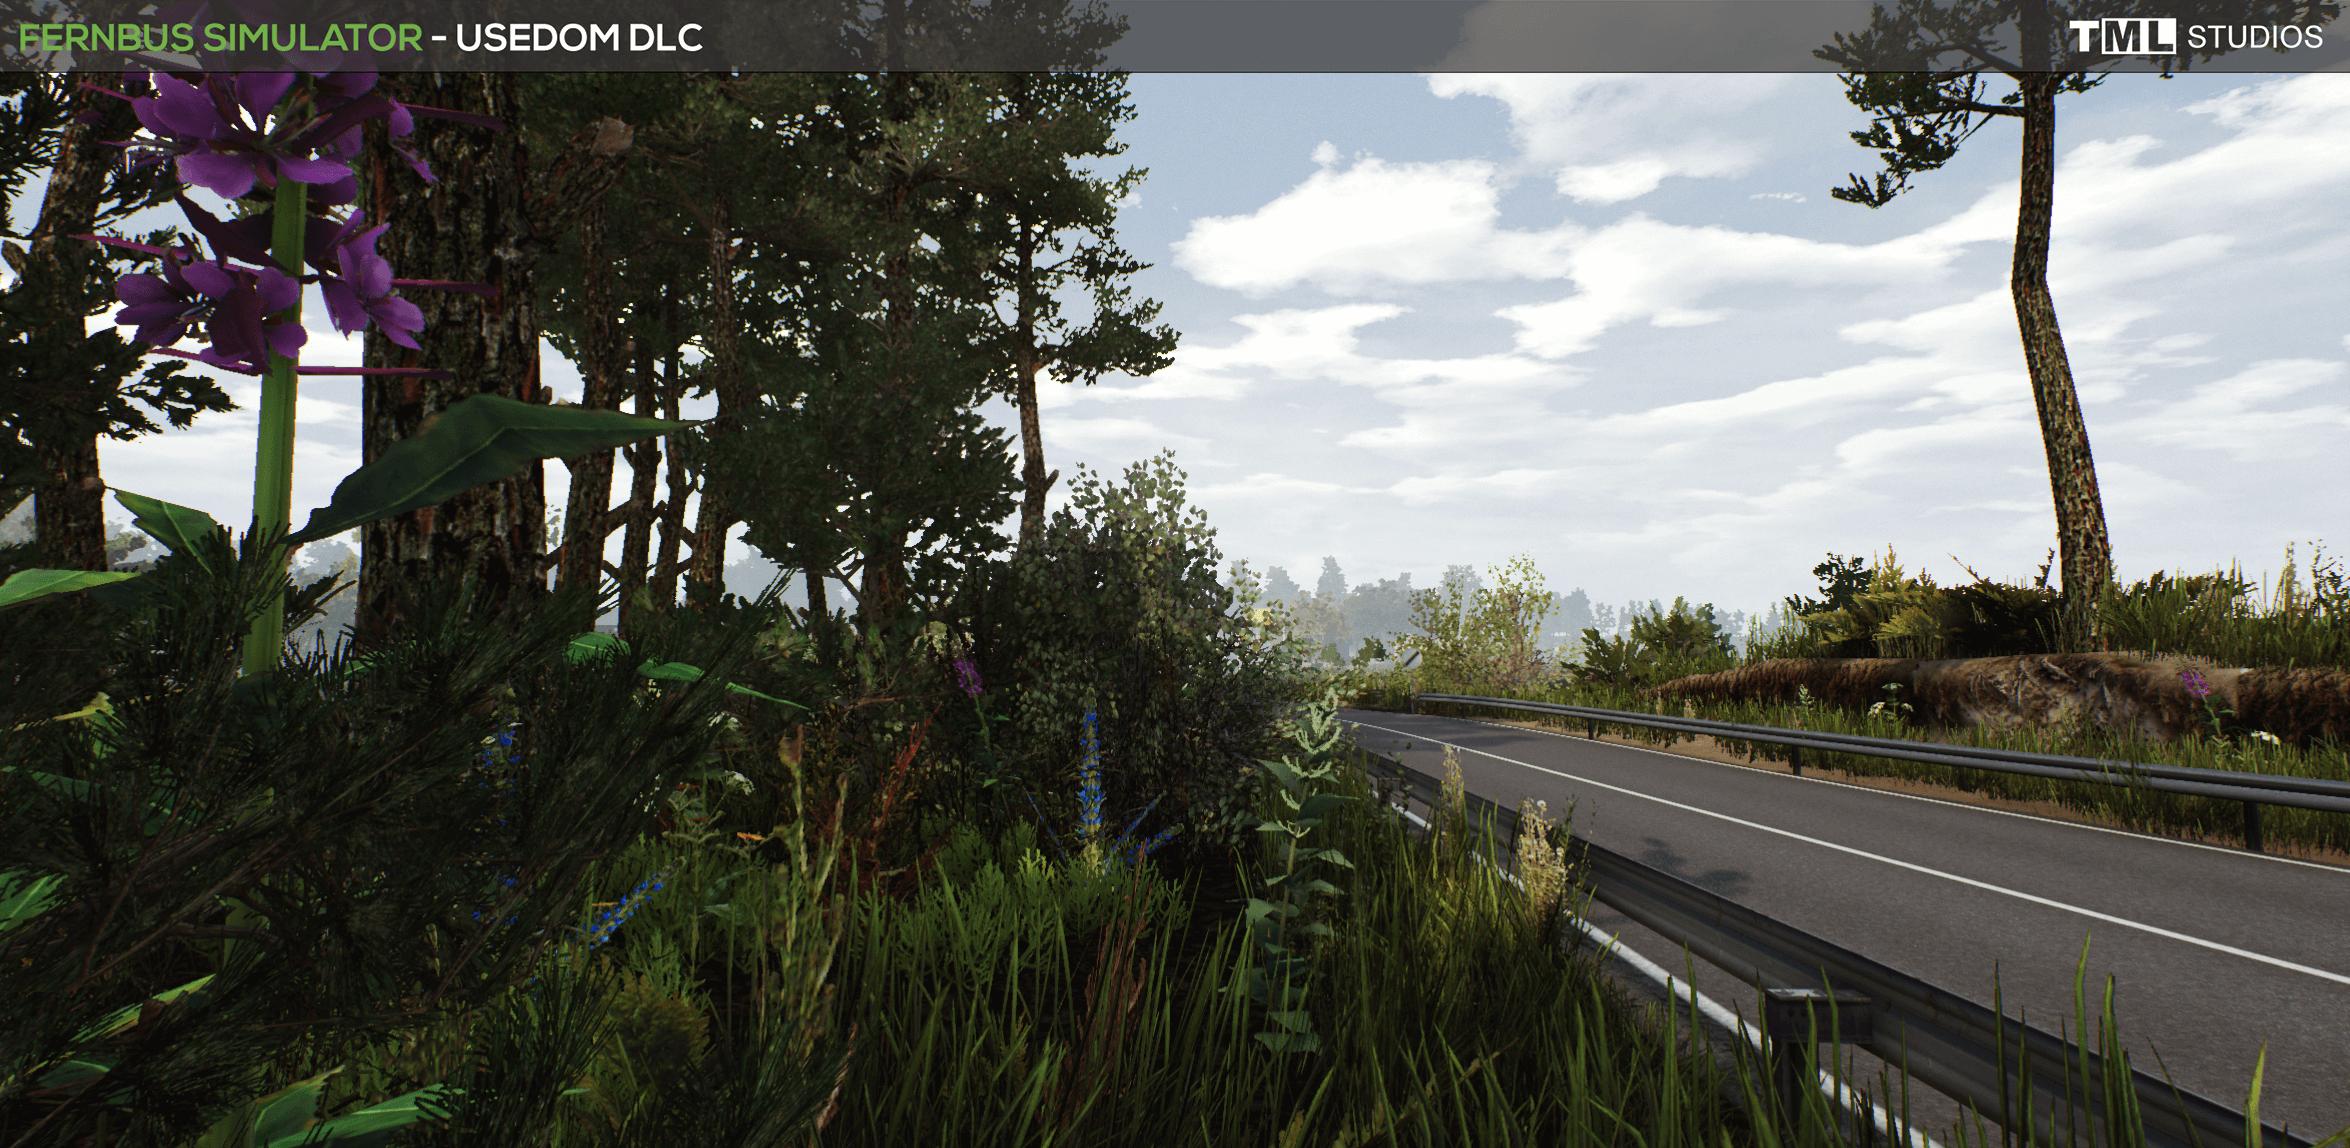 Fernbus Simulator: beta-обновление 1.18